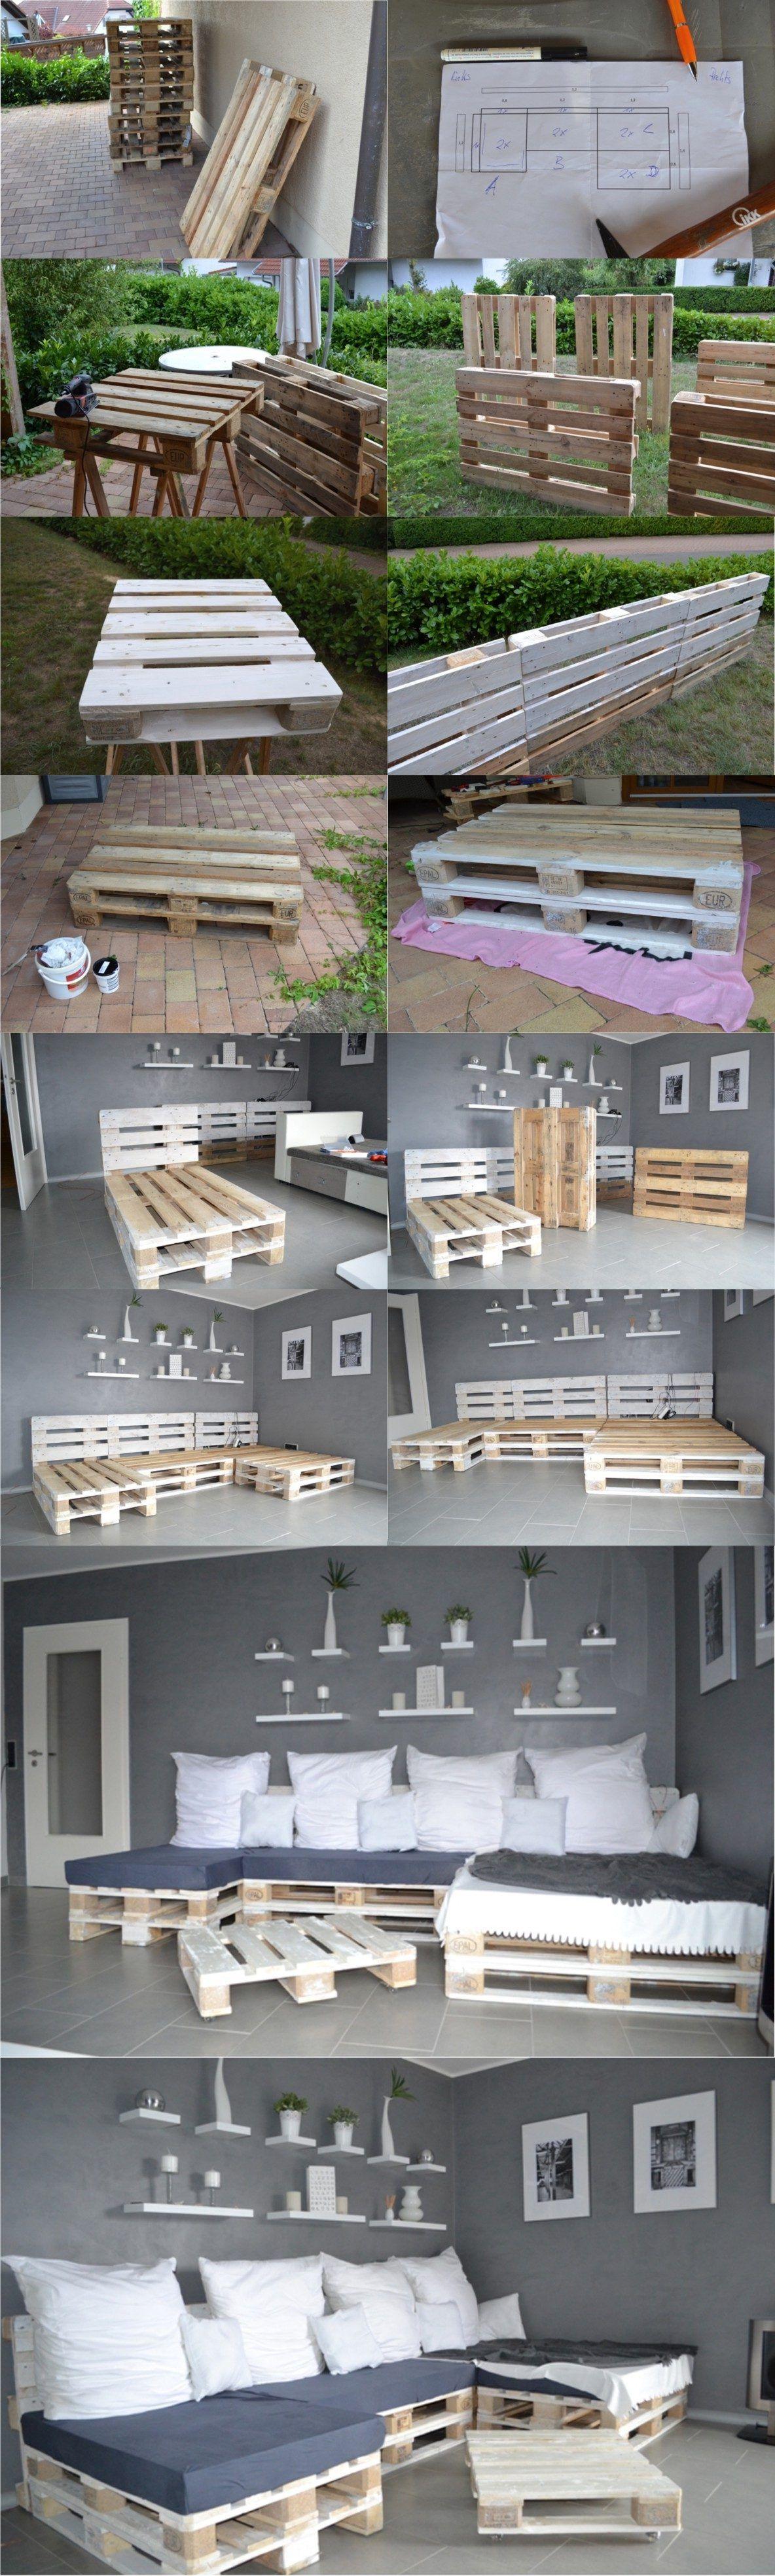 7a3fc913ec63051eec59a79a996b2f1d Incroyable De Coussin Pour Canapé Palette Concept